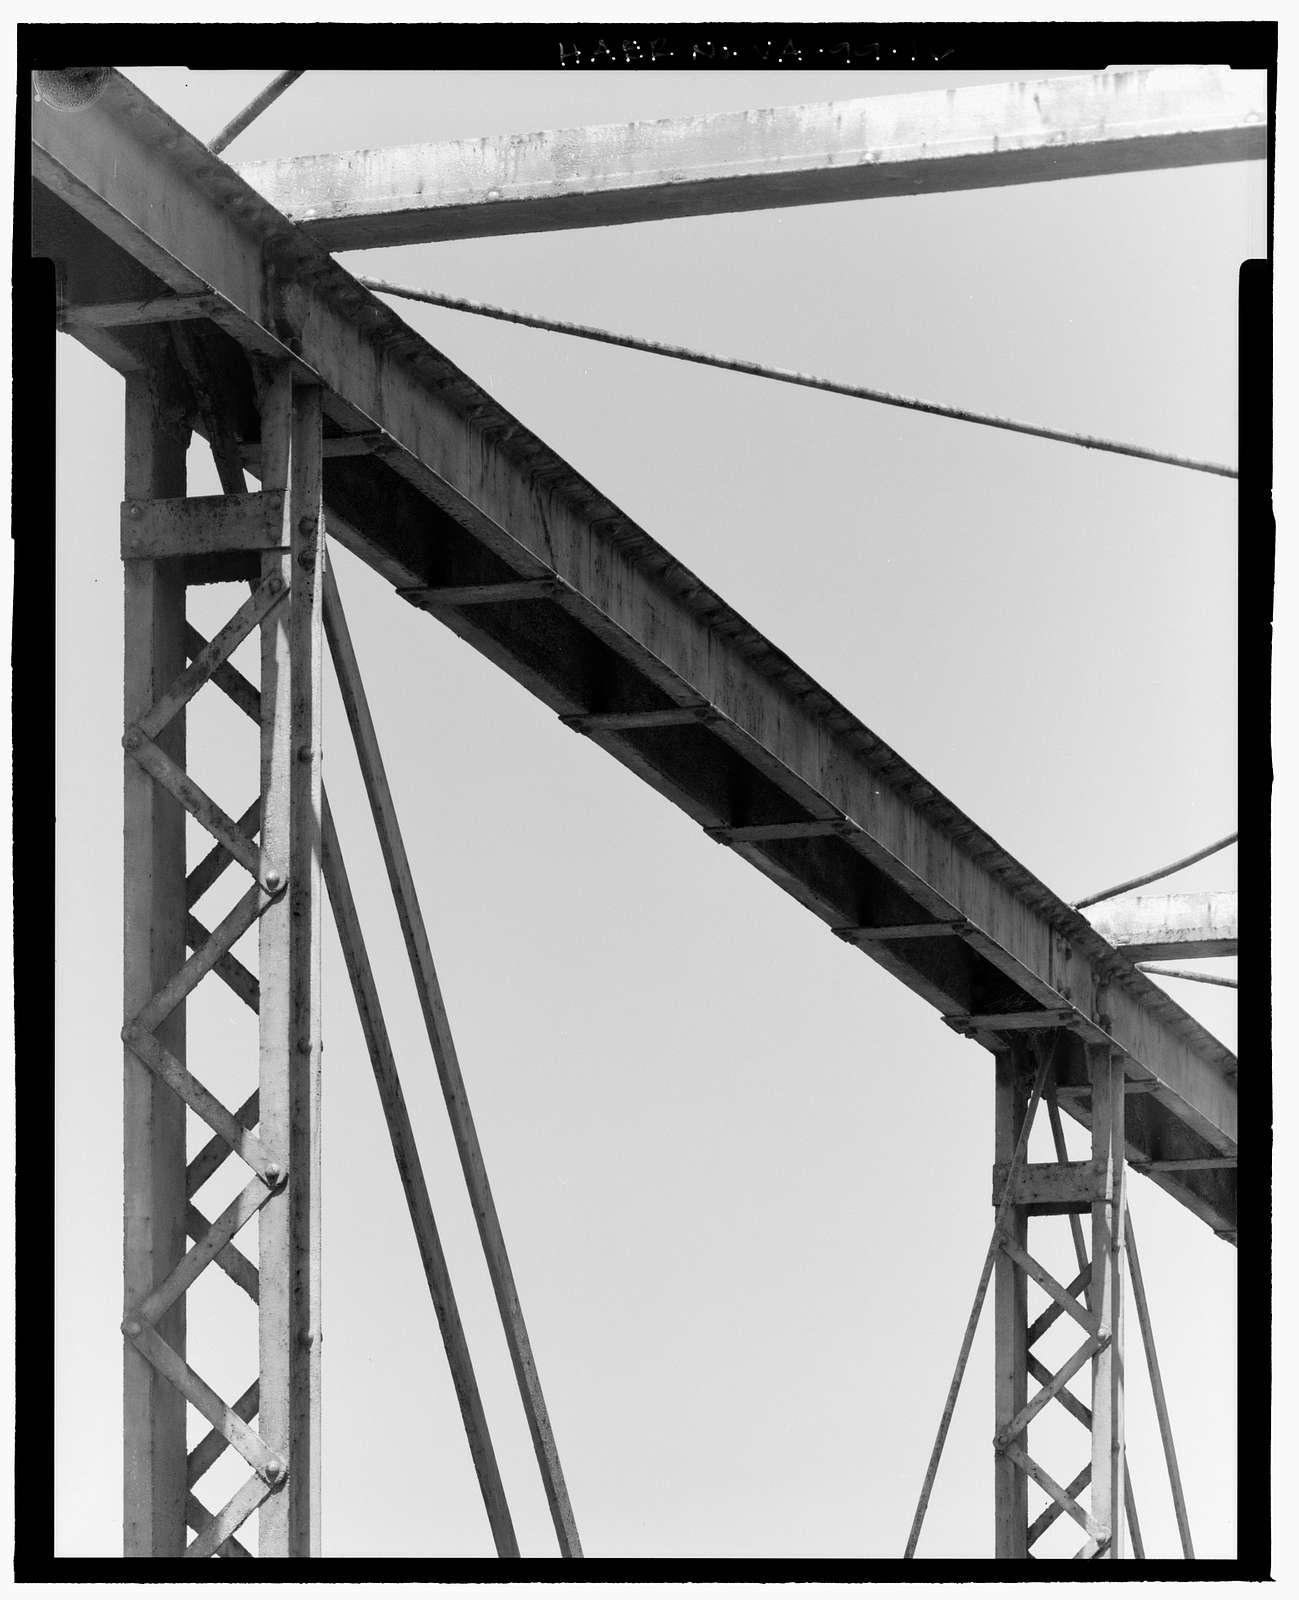 Carpenter's Ford Bridge, State Route 775, over Middle River, Crimora, Augusta County, VA